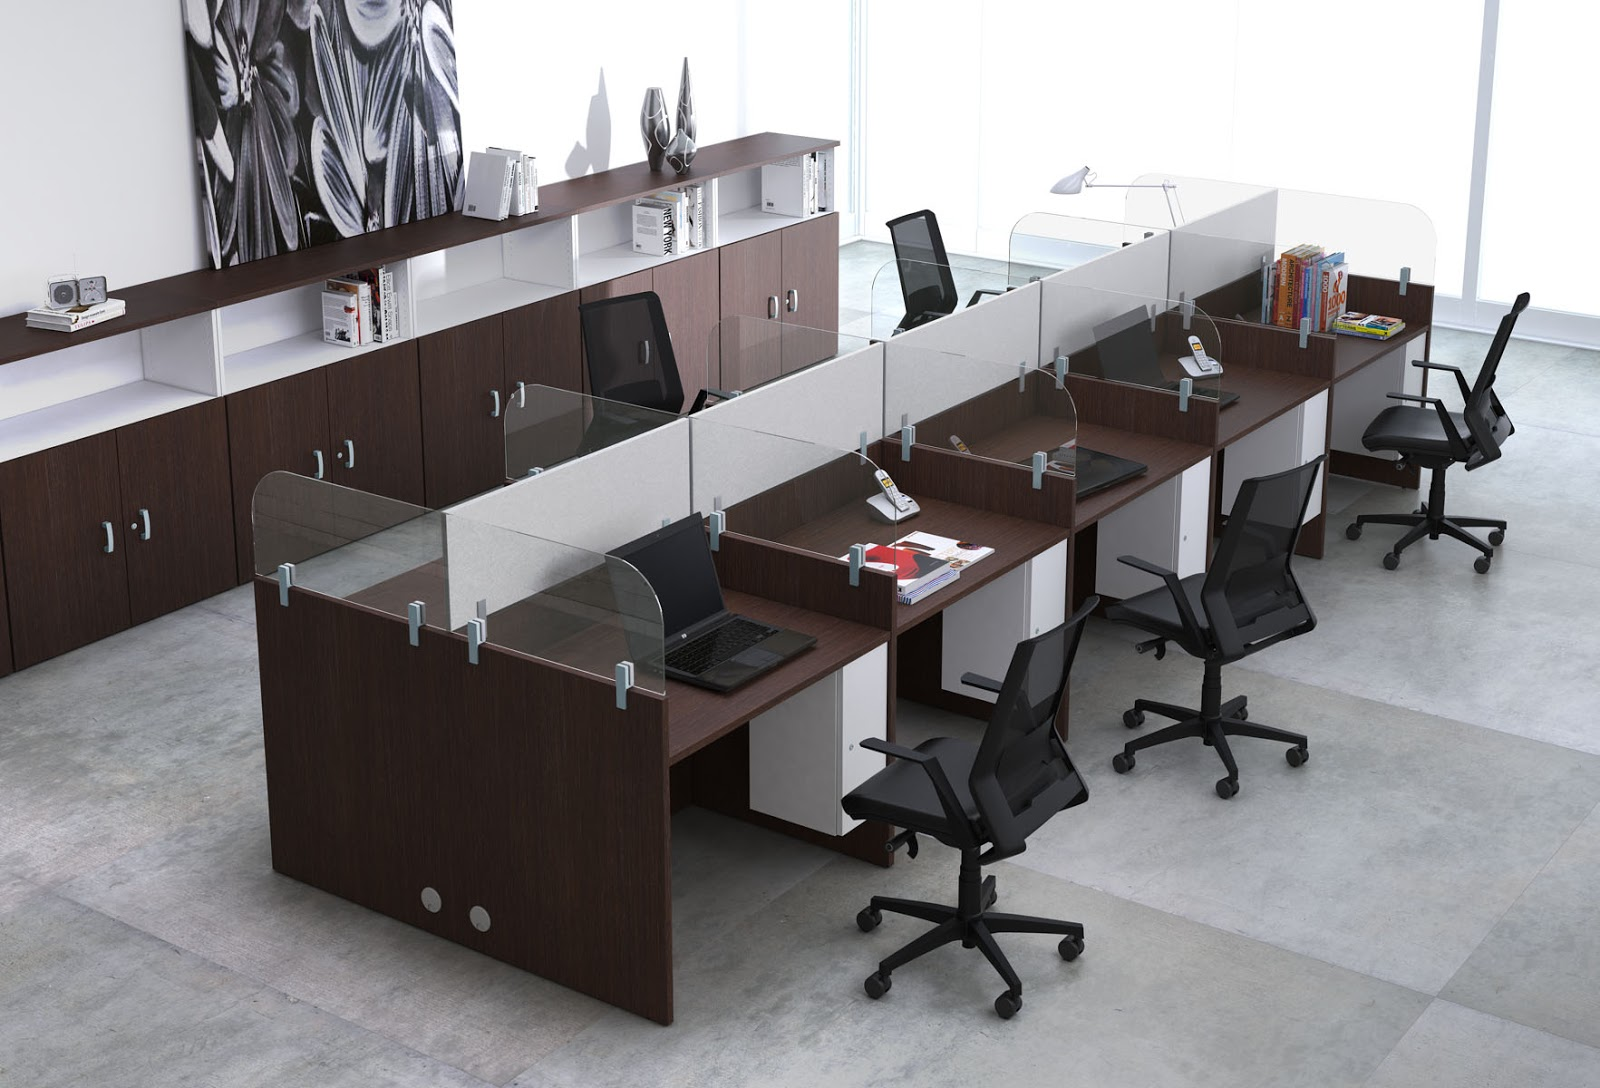 Oficina total call center for Muebles de oficina mallorca